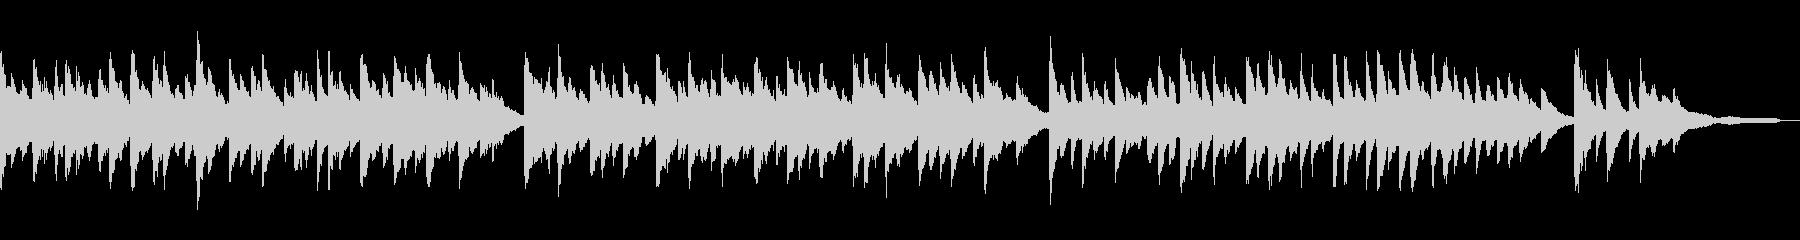 3拍子のゆったりピアノバラードの未再生の波形